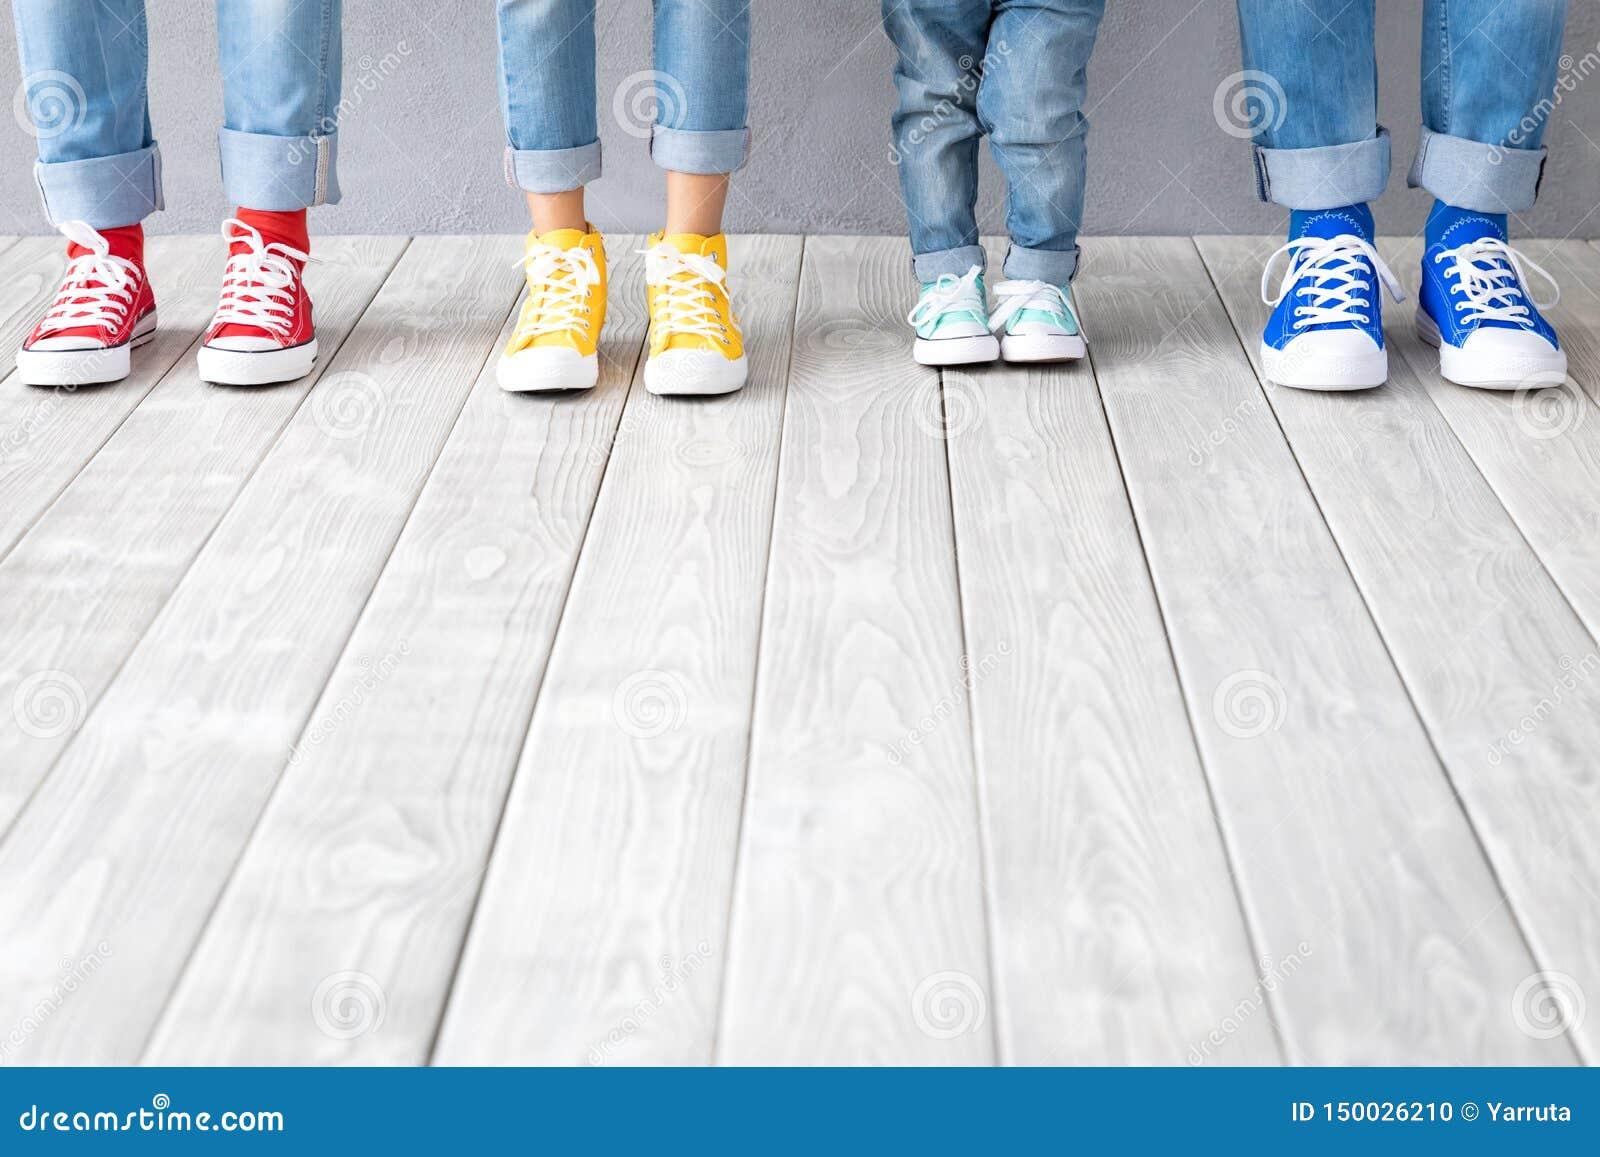 De voeten van mensen in kleurrijke tennisschoenen